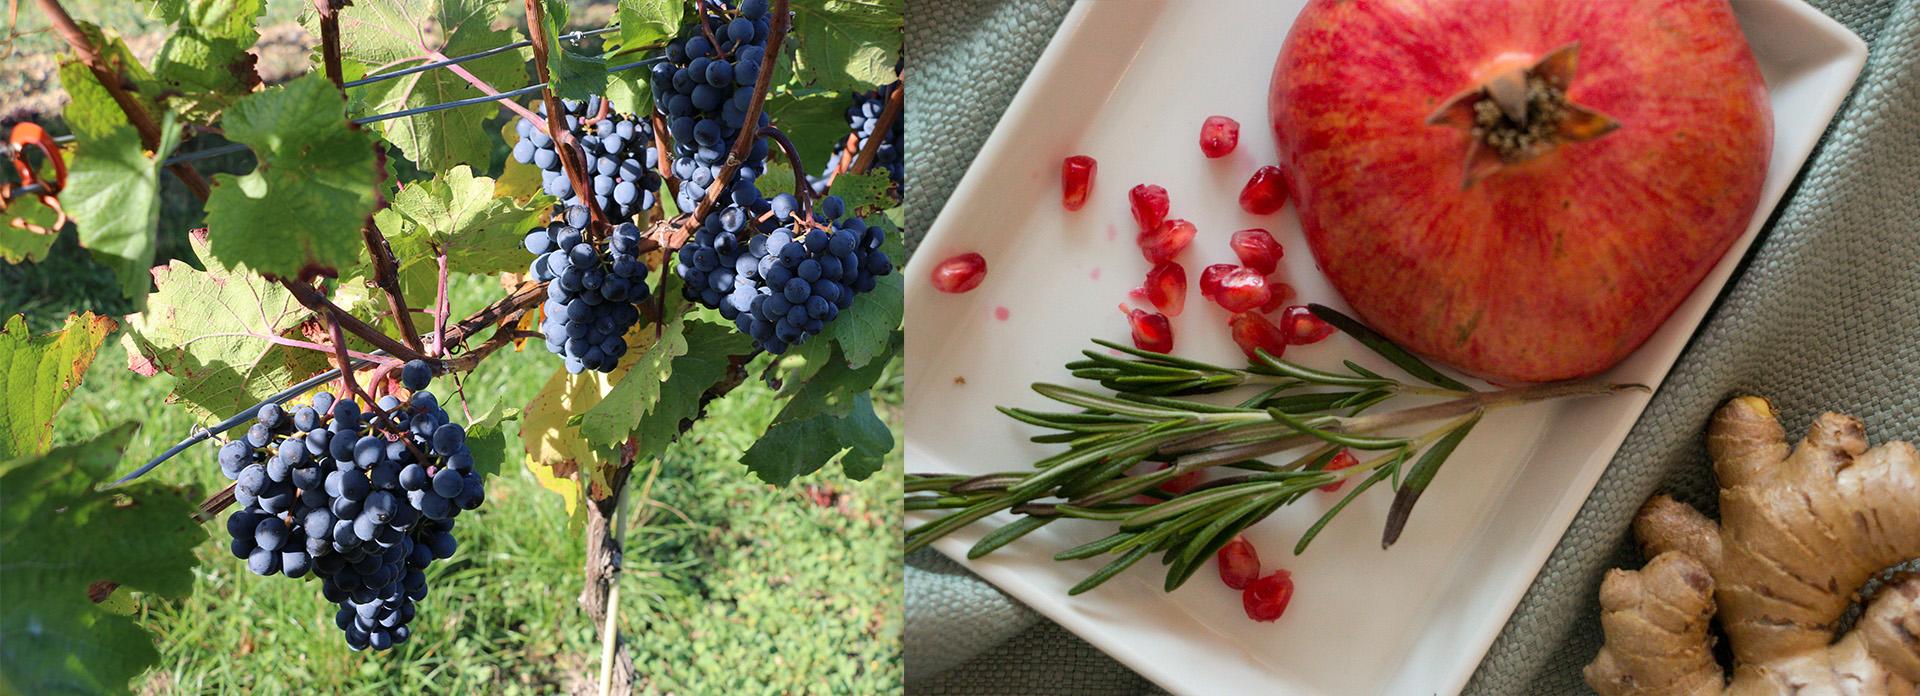 Weintrauben rot Granatapfel Liebe